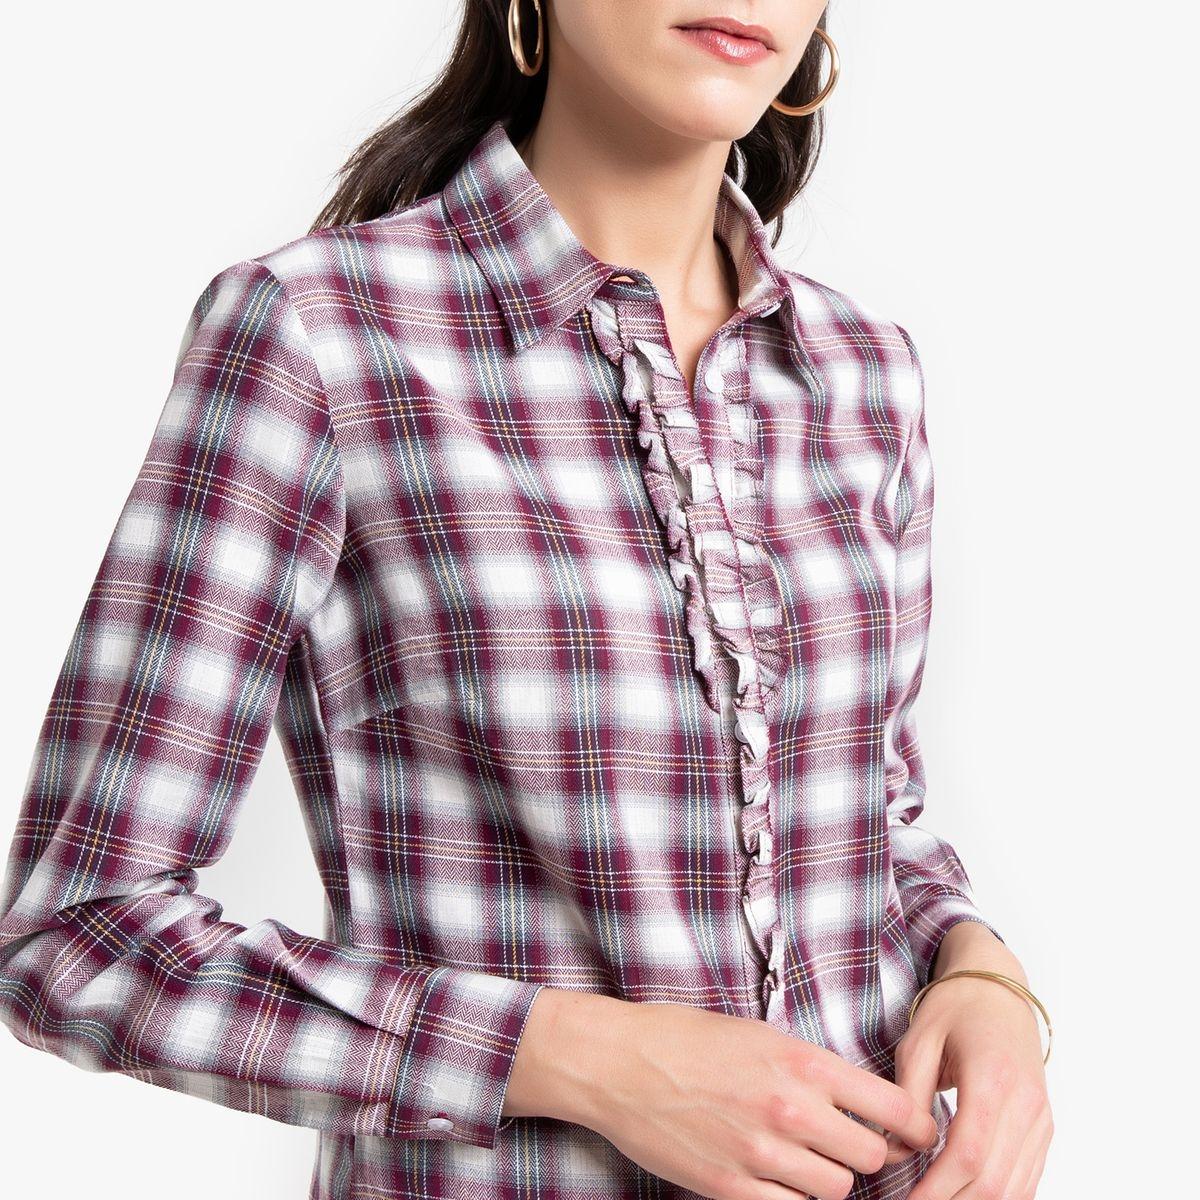 Chemise imprimée à carreaux, manches longues